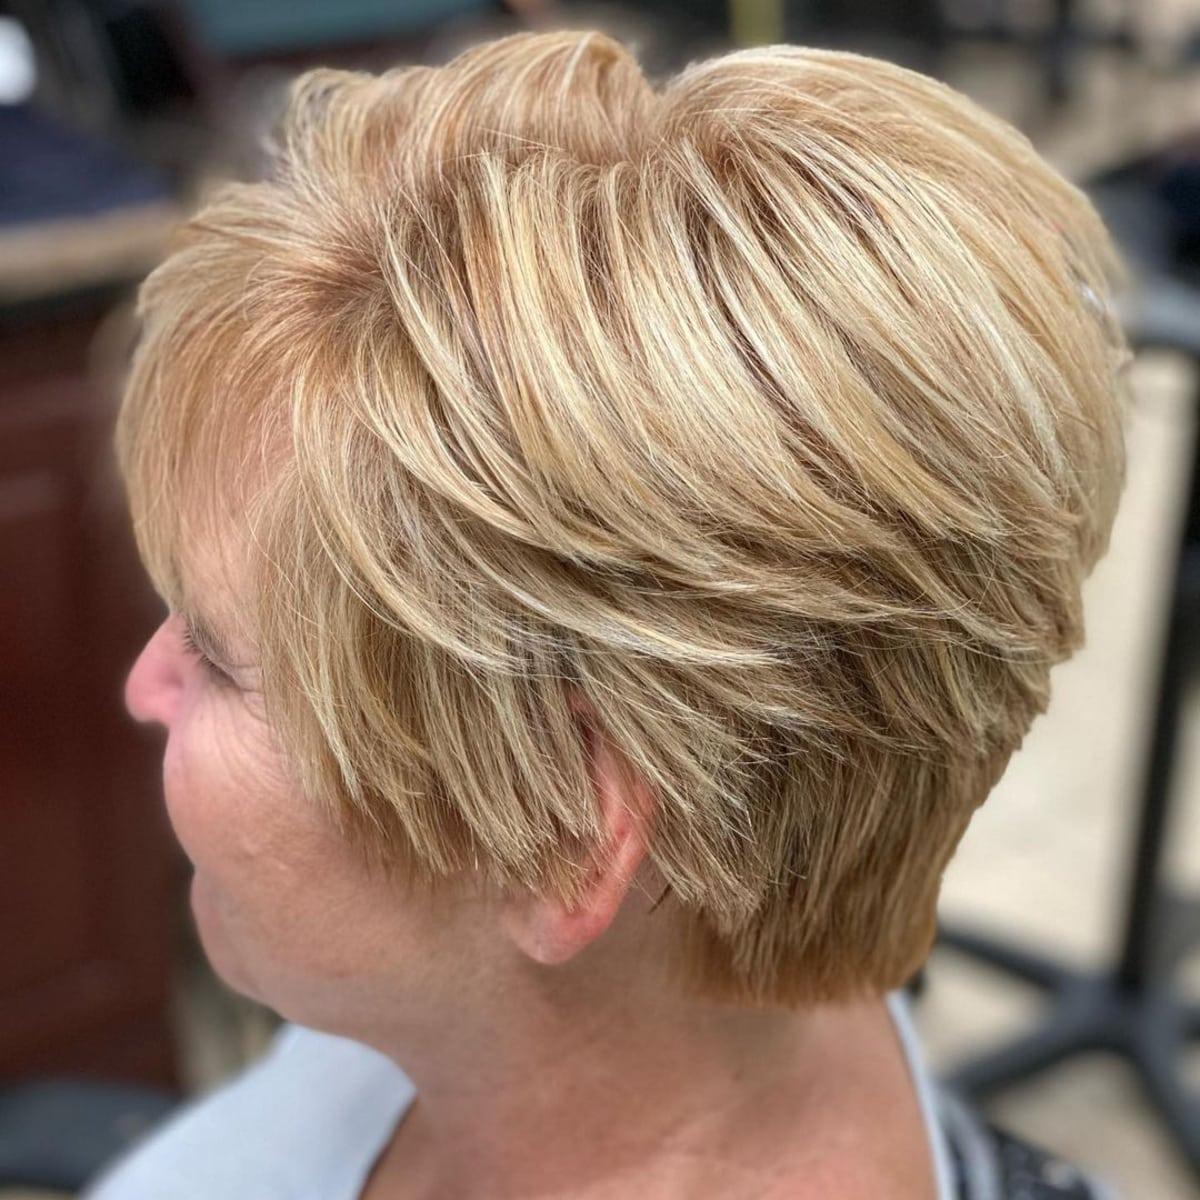 Coupe courte dégradée pour les femmes de plus de 50 ans aux cheveux fins.